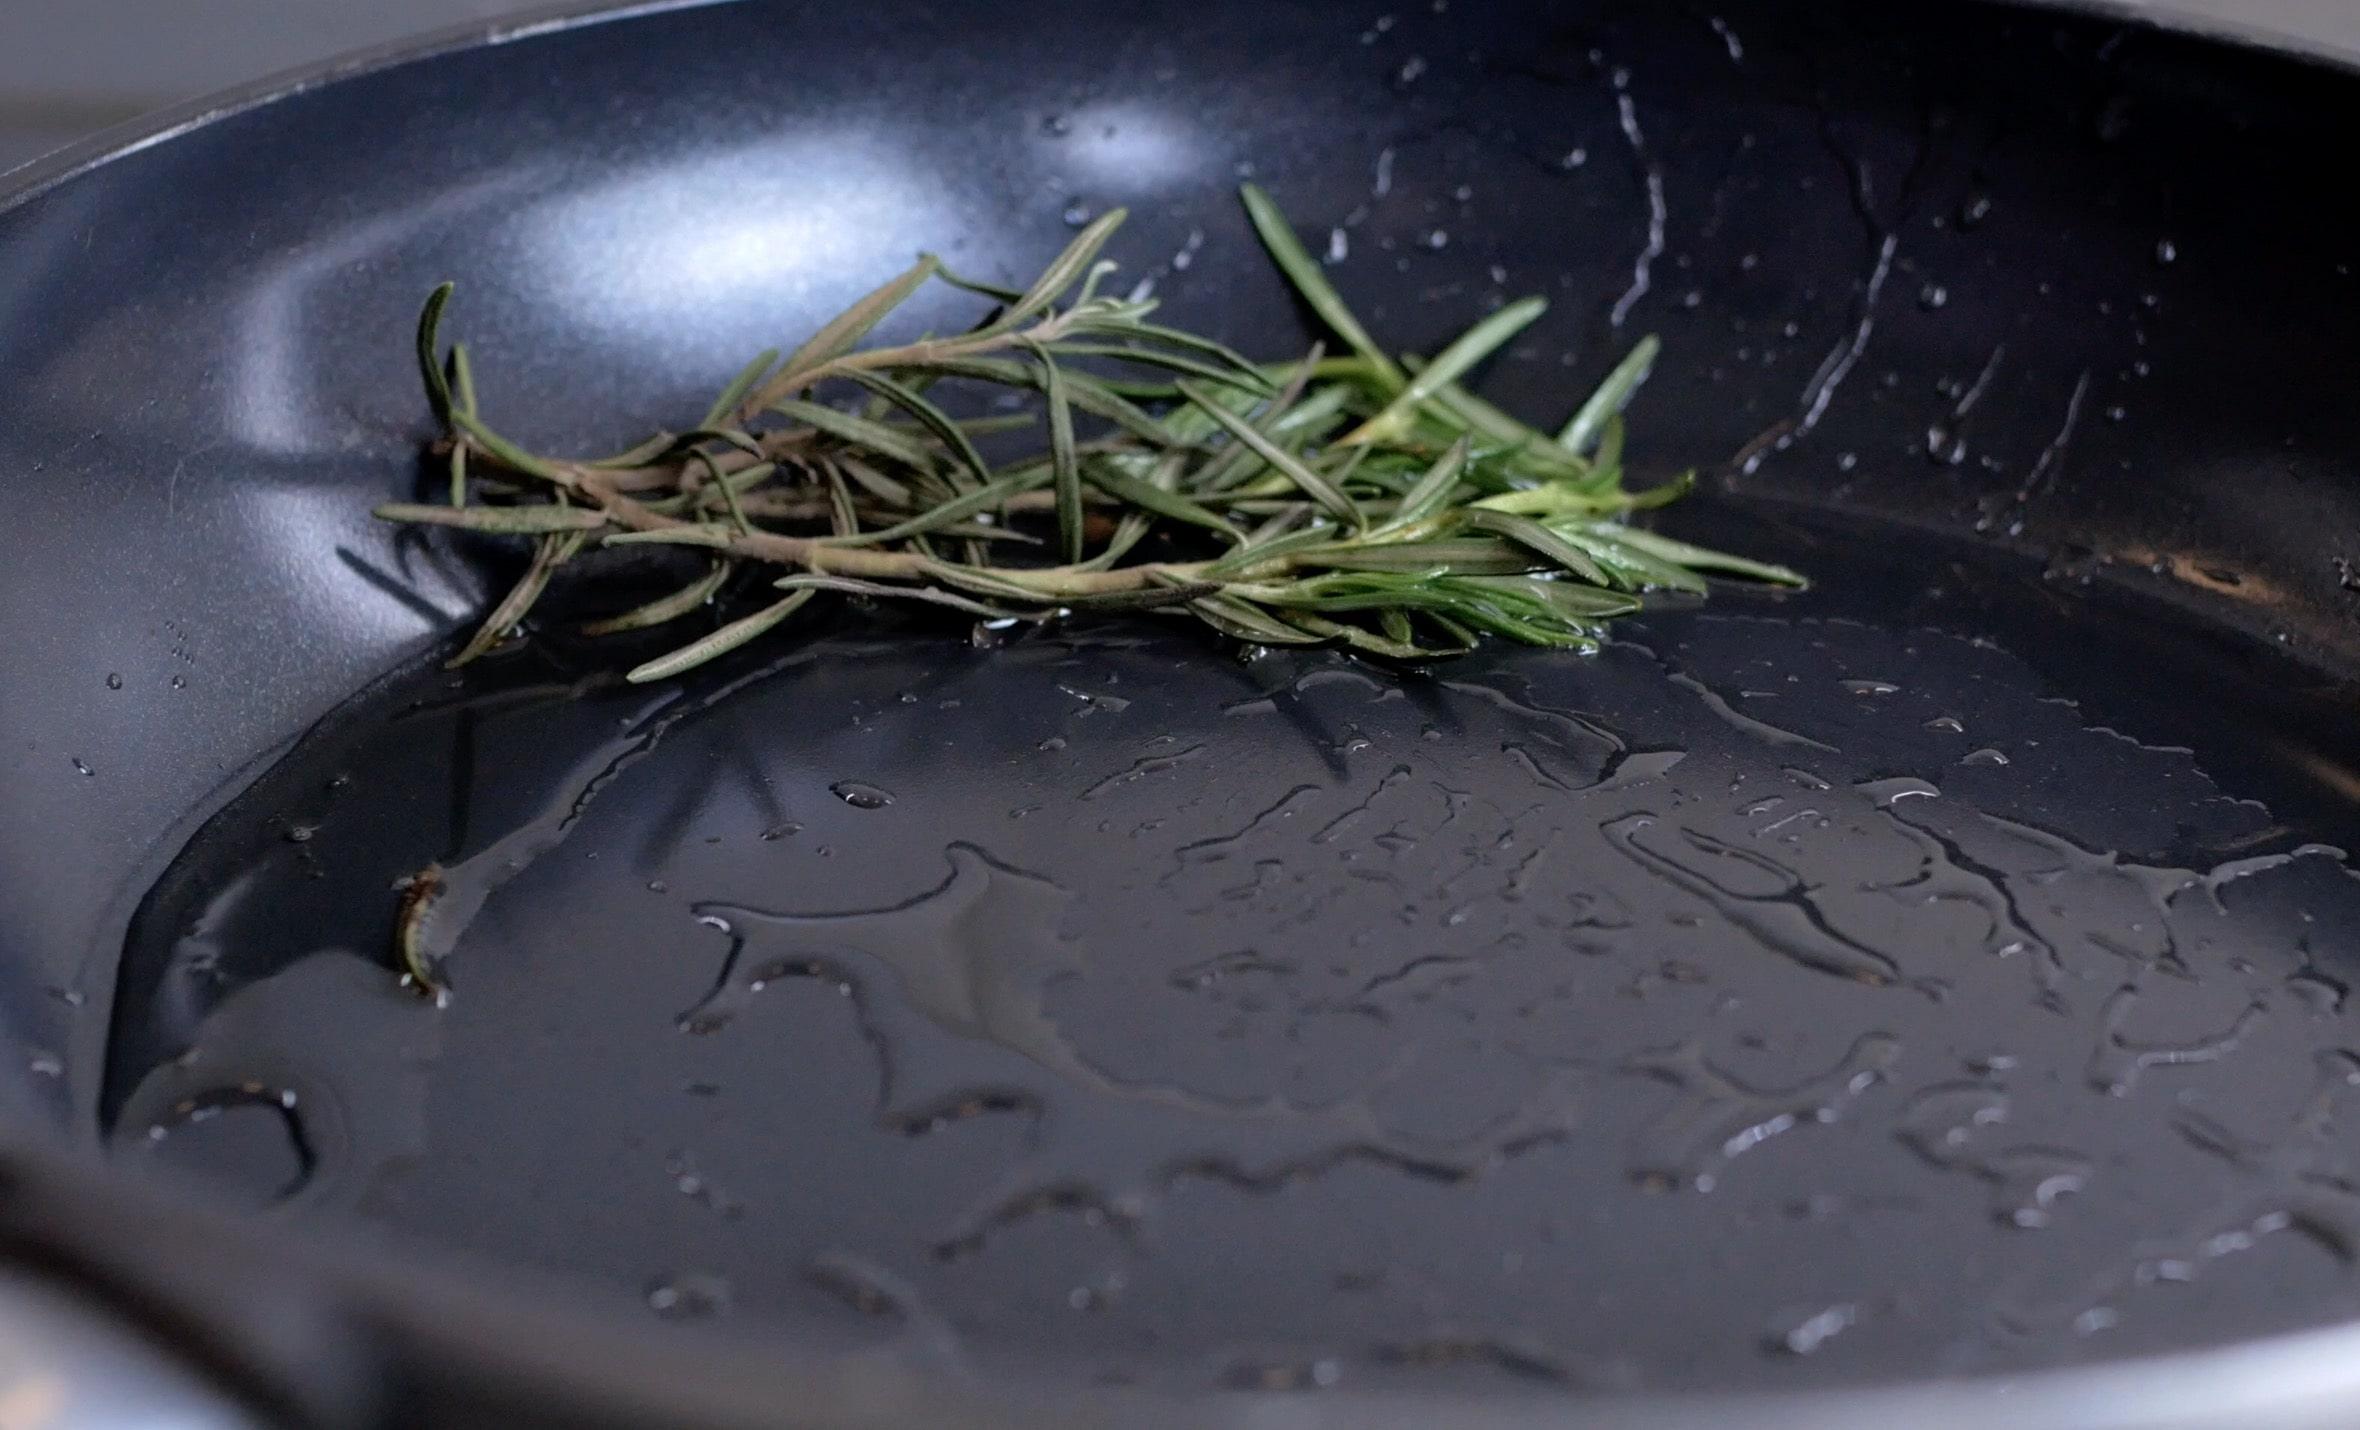 На сковородку положим розмарин для аромата